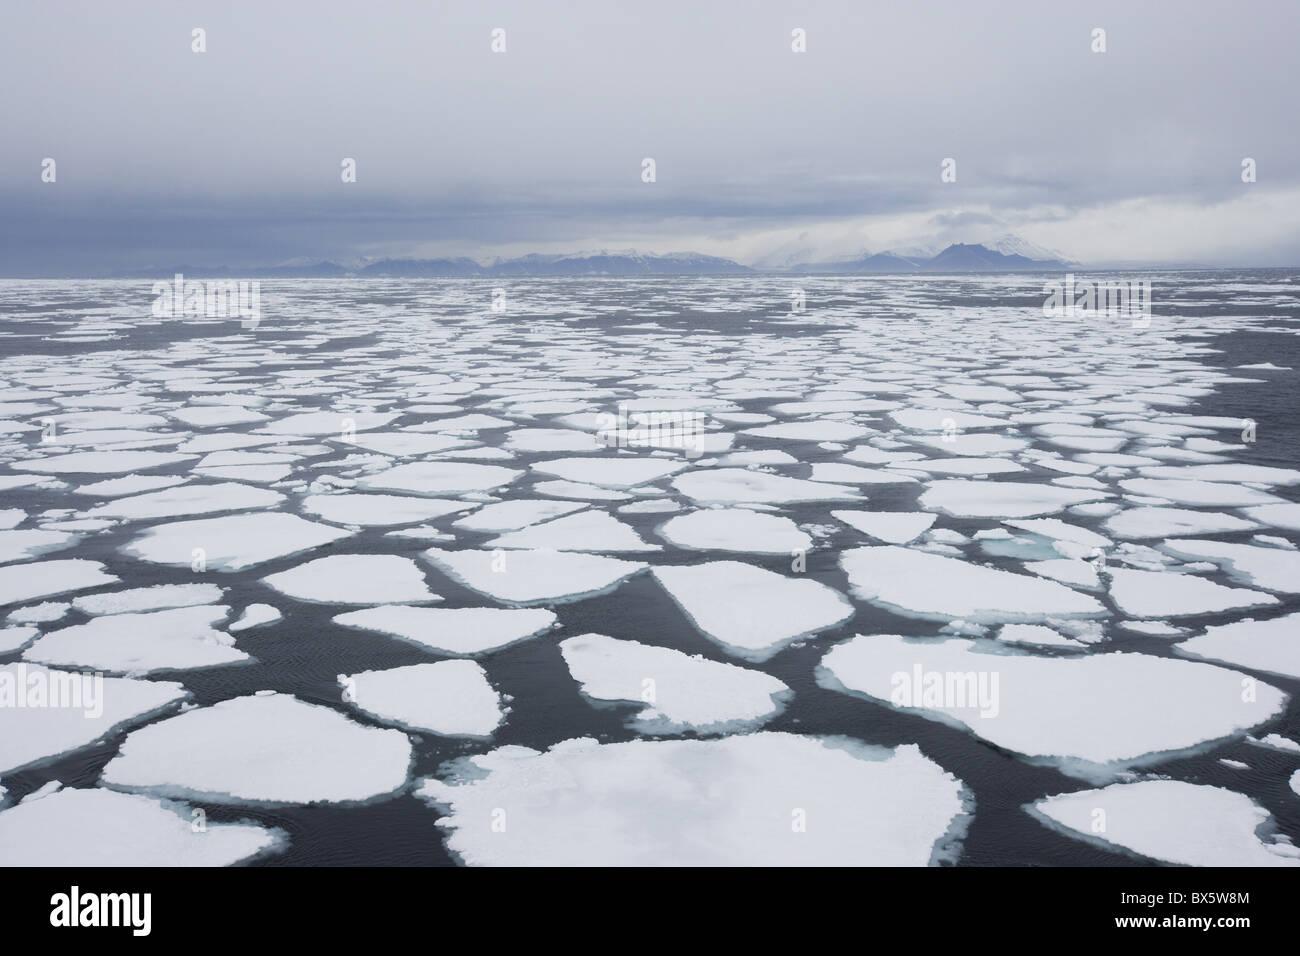 Banc de glace, glaces en dérive, le Groenland, l'Arctique, les régions polaires Photo Stock